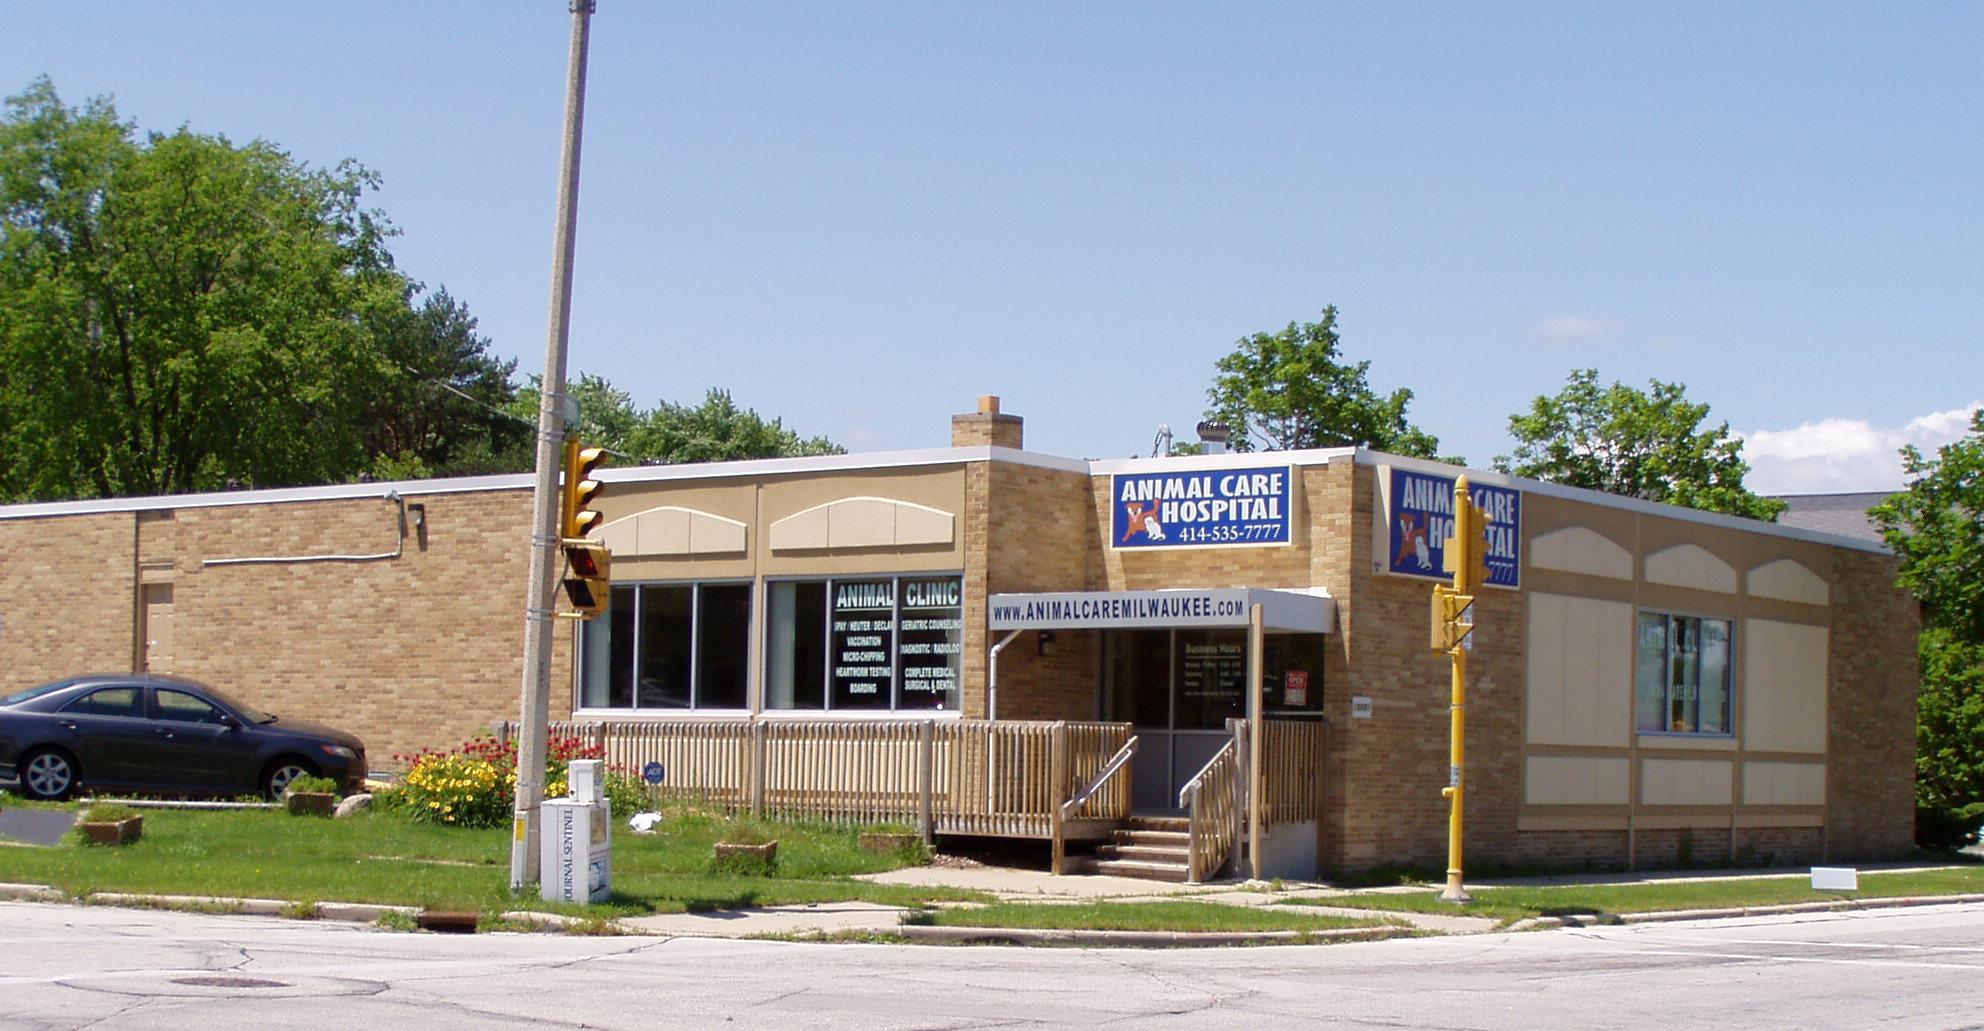 Animal Care Hospital Clinic 10001 W Lisbon Ave Milwaukee